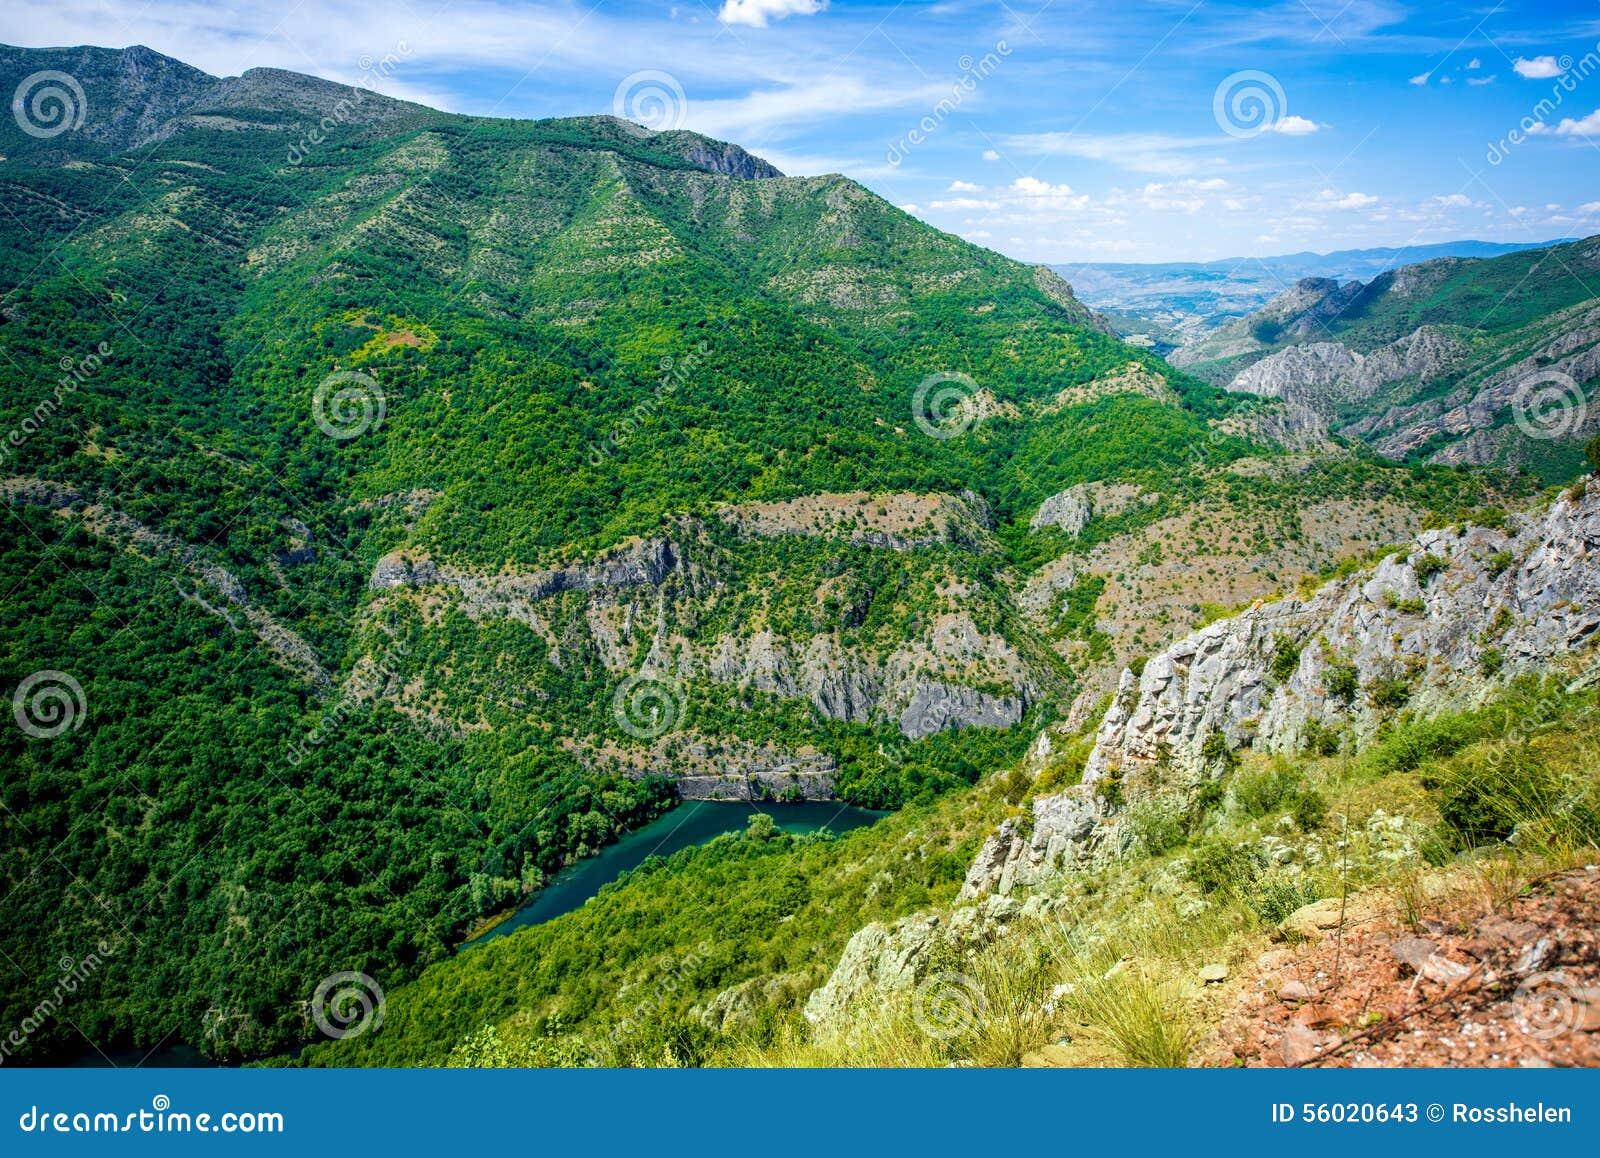 macedonian landscape - photo #26